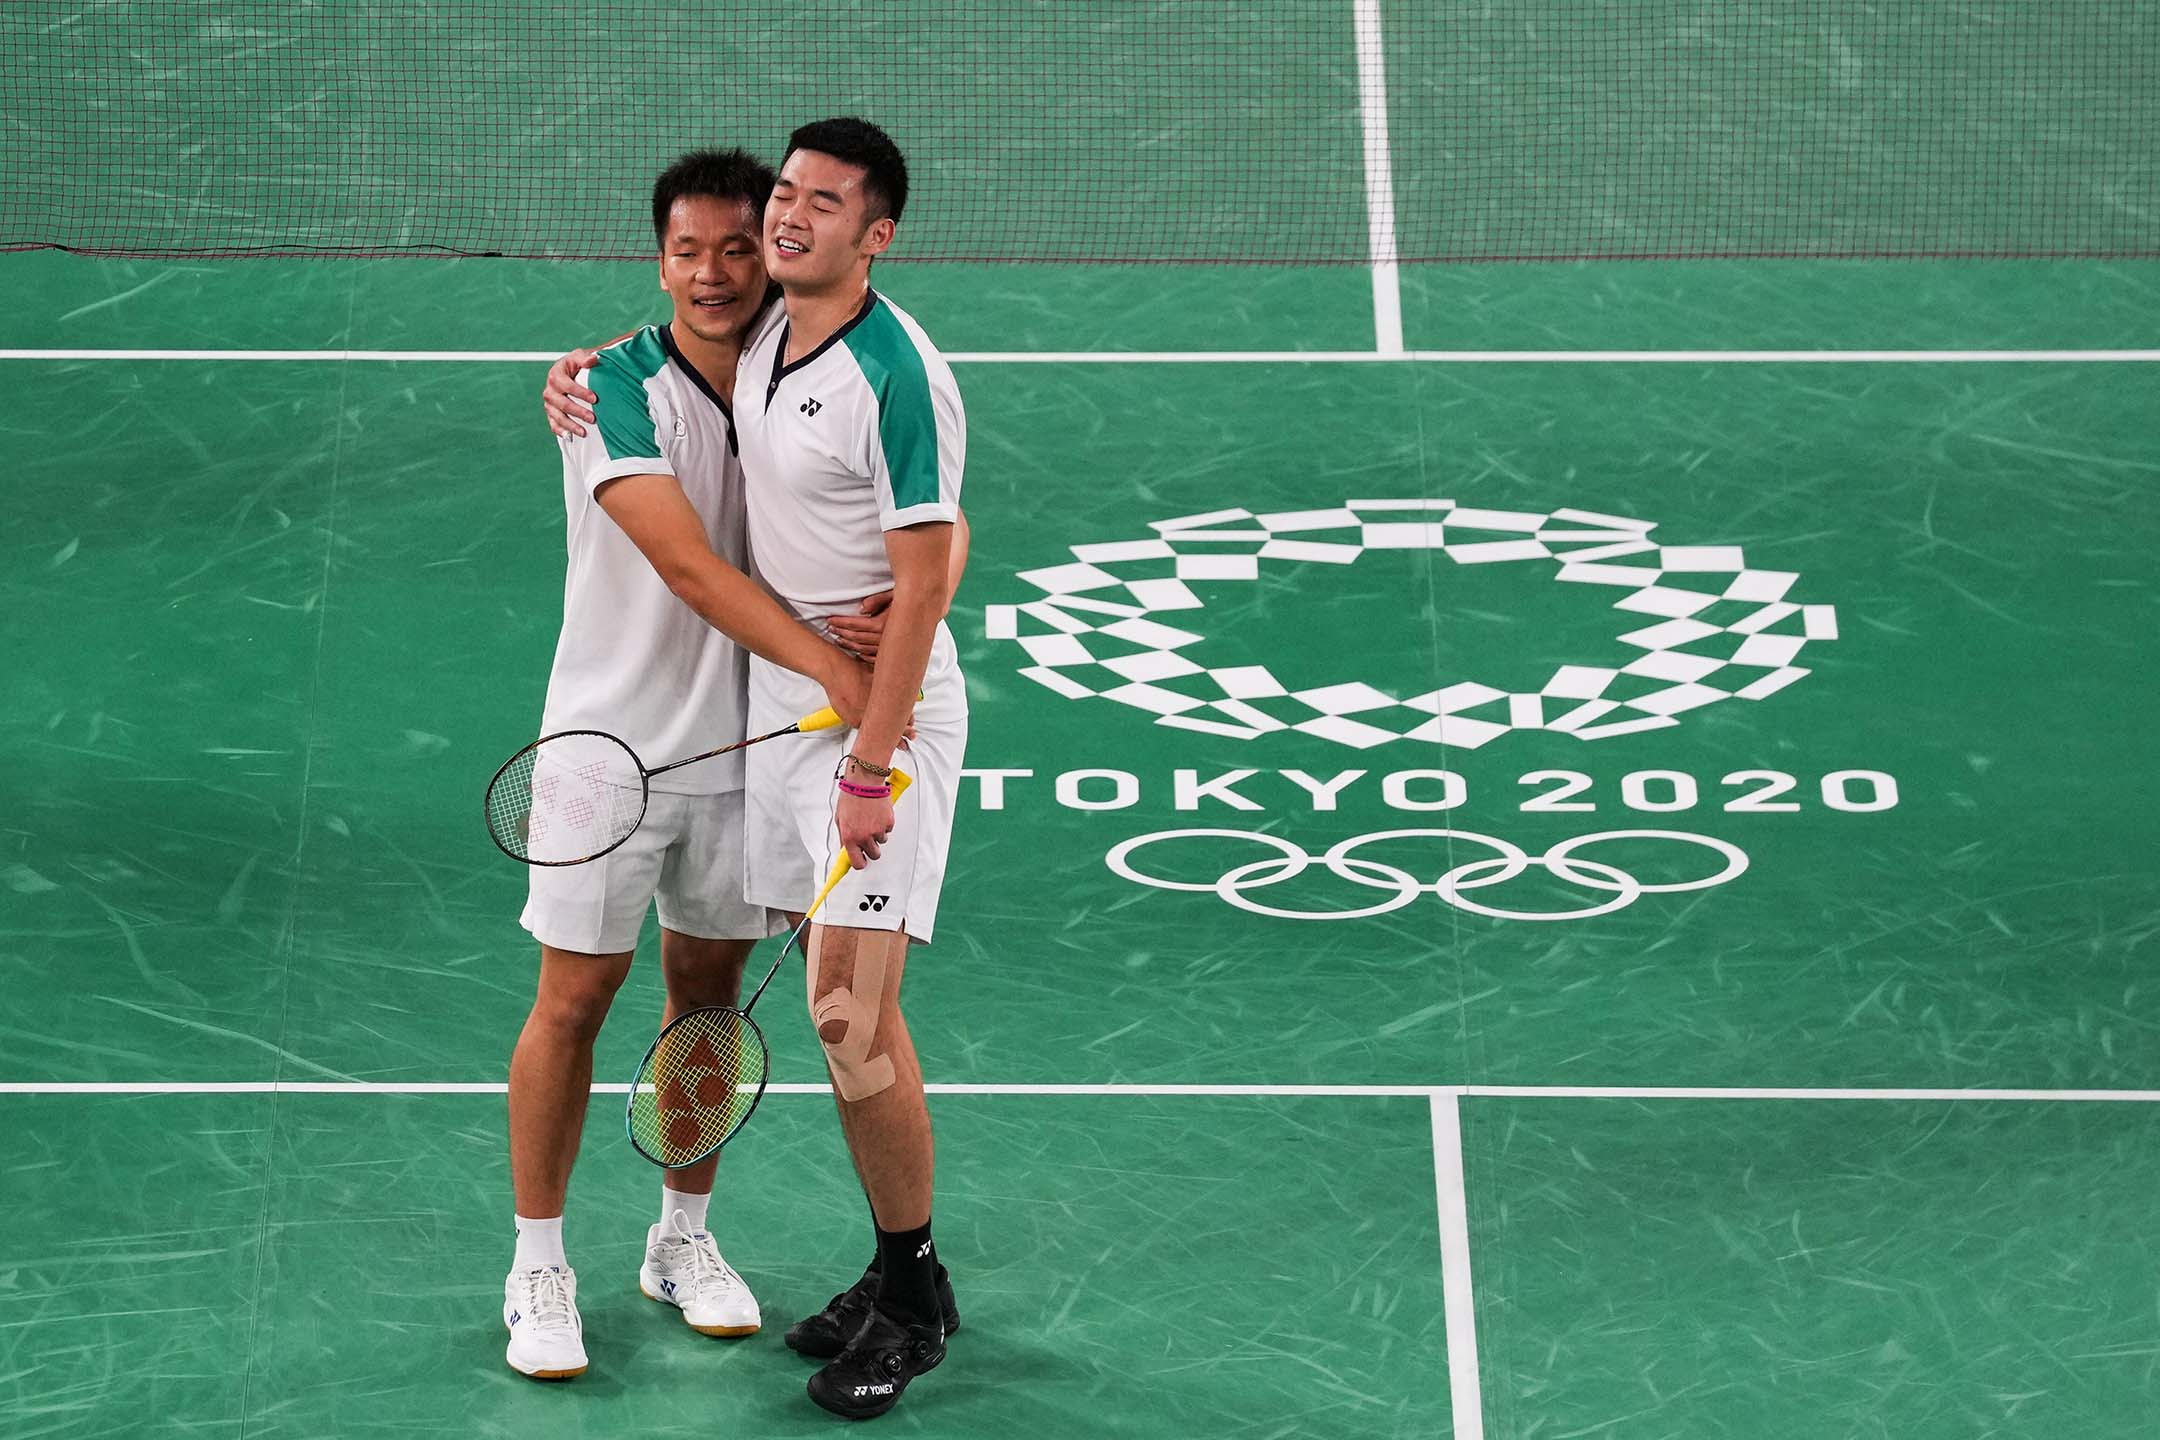 2021年7月31日日本東京奥運會,羽毛球男雙決賽,中華台北隊李洋和王齊麟。 攝:Ni Minzhe/VCG via Getty Images